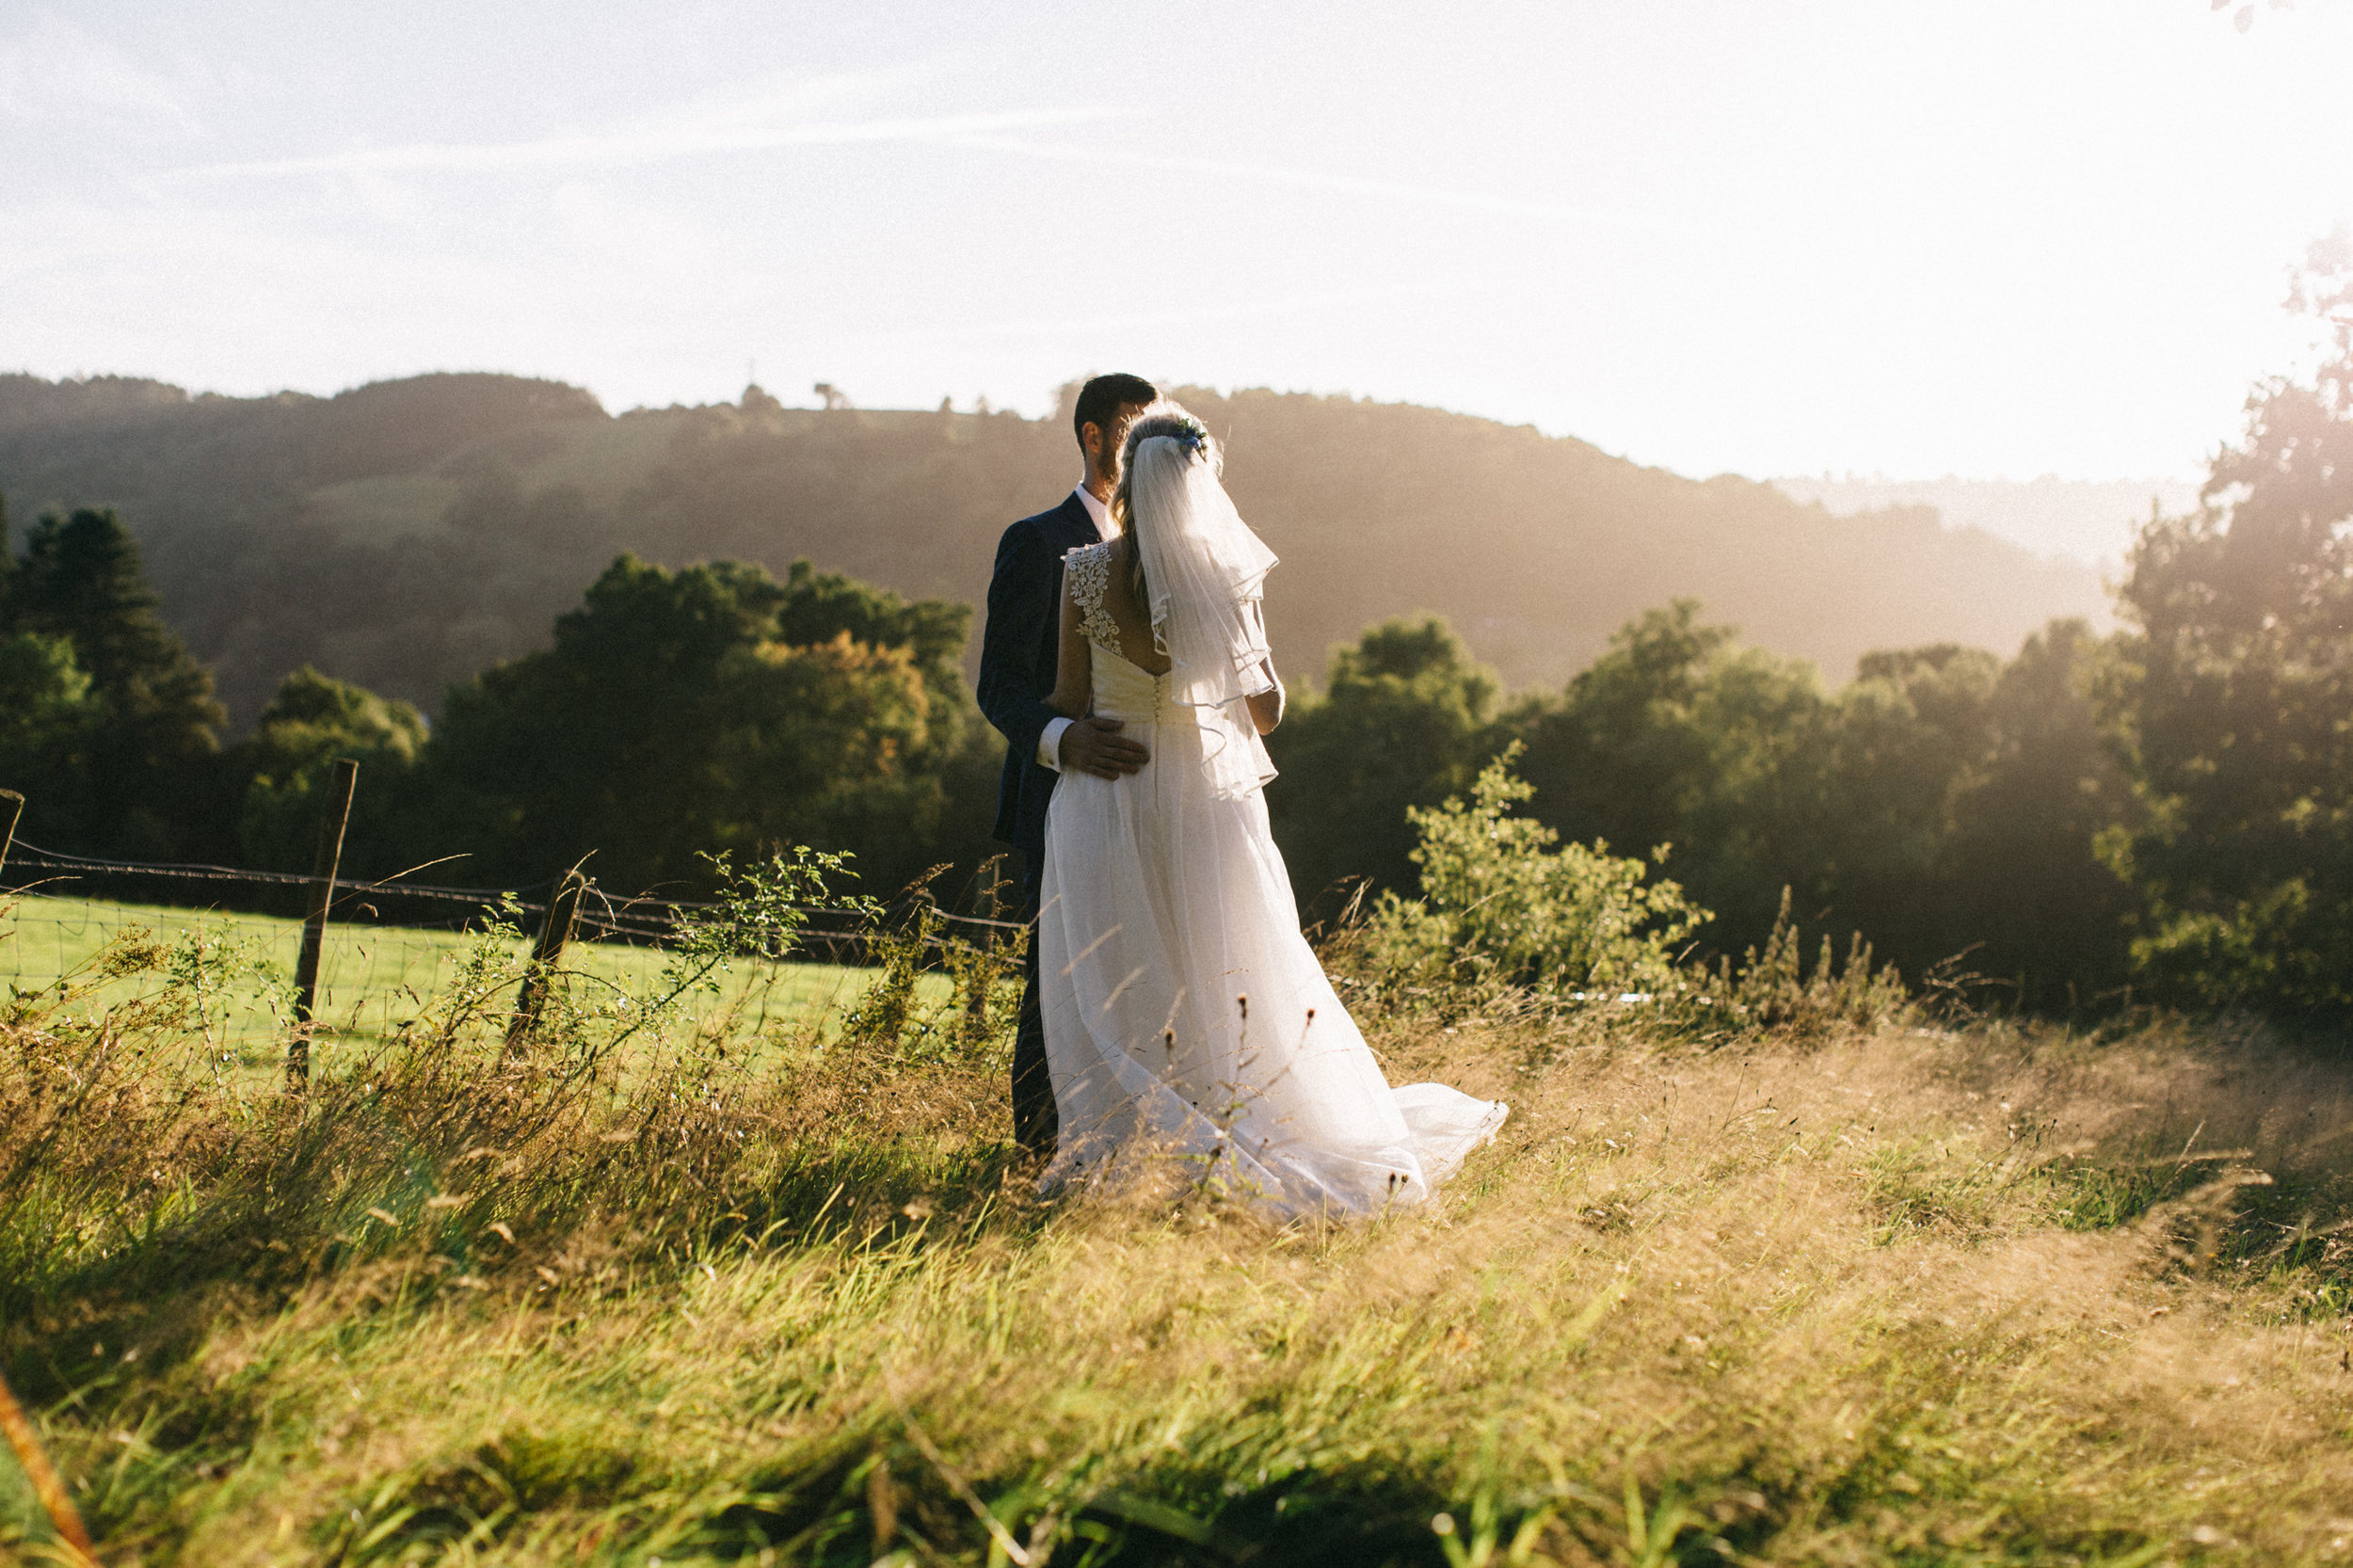 uk wedding photographer artistic wedding photography-106.jpg